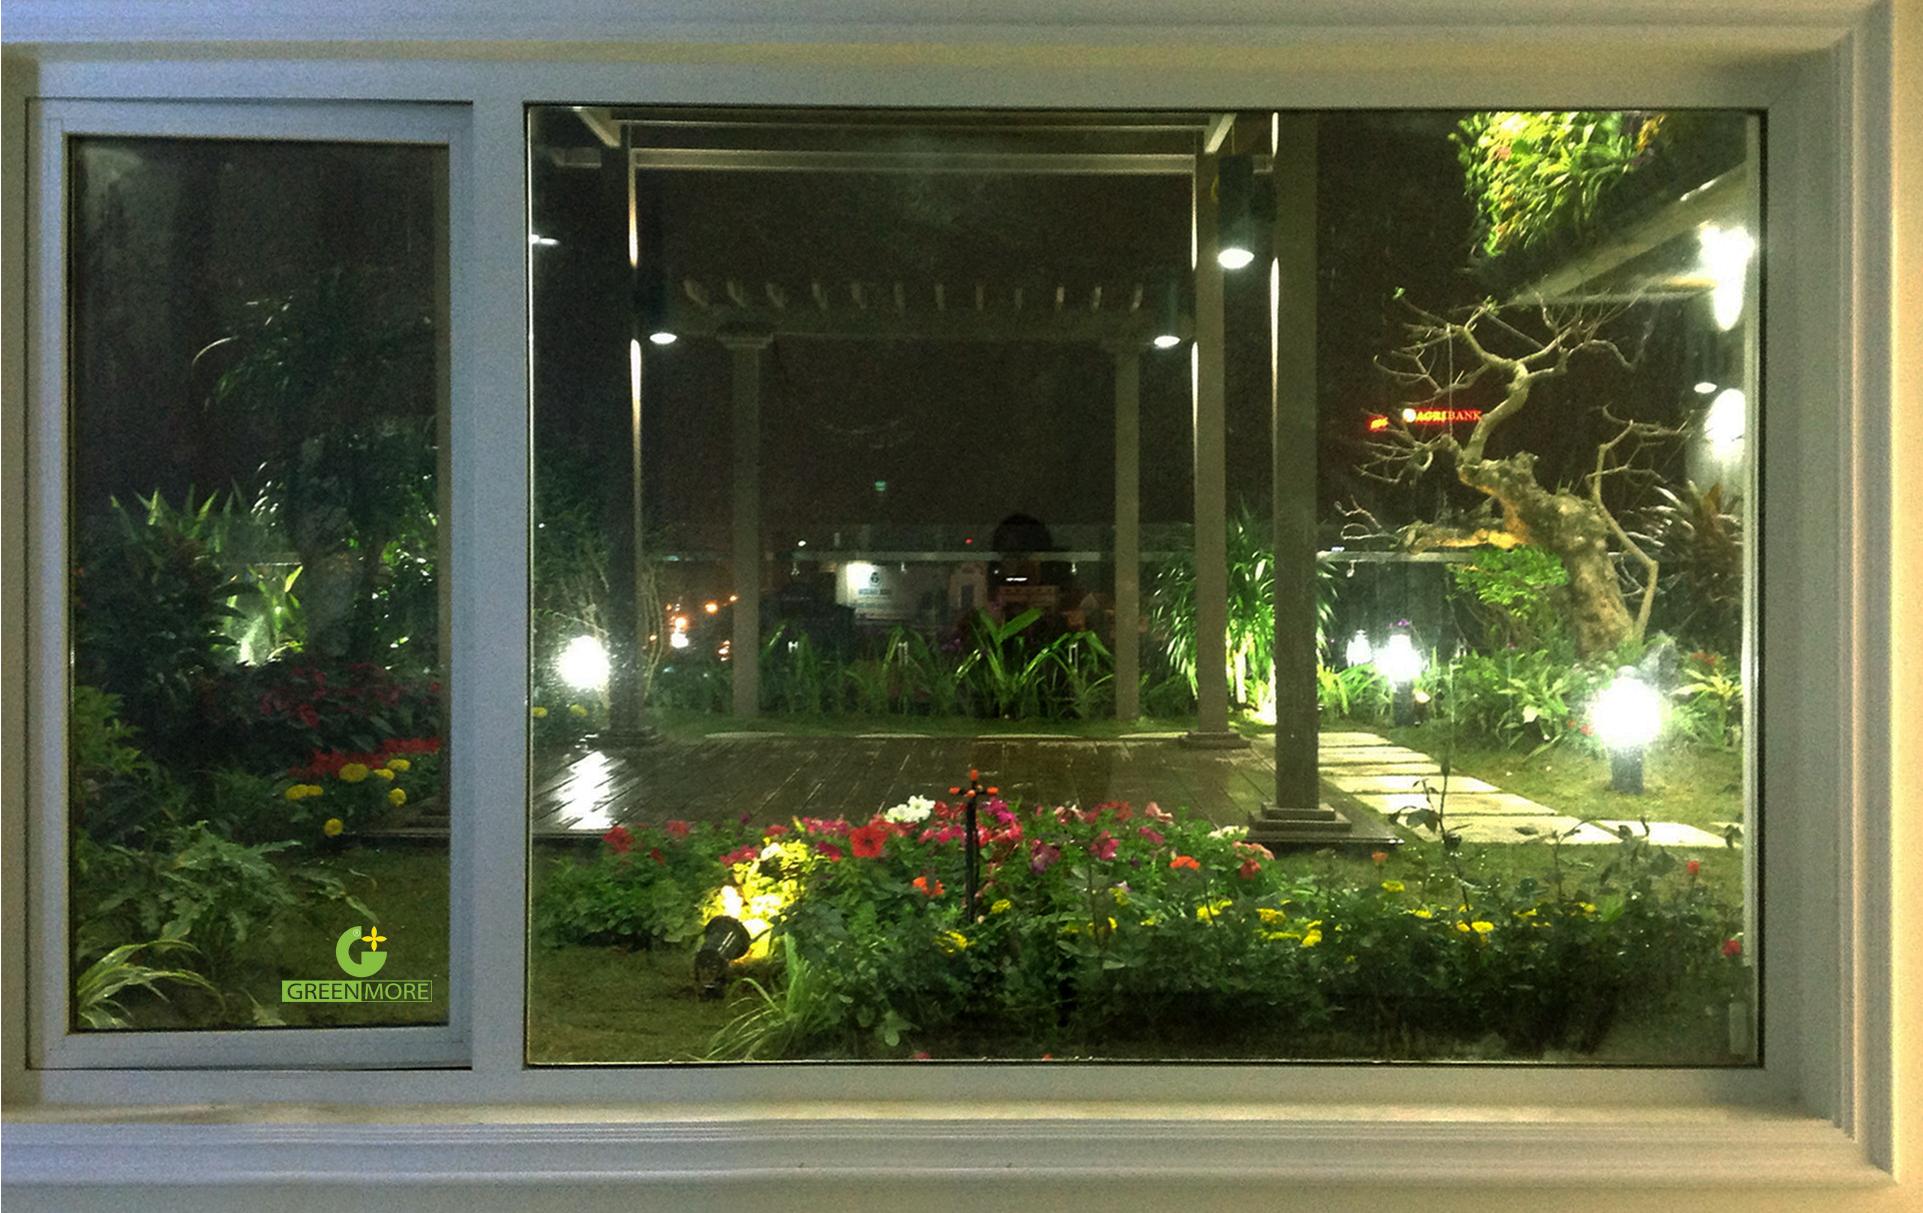 Khu vườn nhìn từ cửa sổ phòng ngủ của gia chủ - một khung cảnh thư giãn lý tưởng sau một ngày làm việc căng thẳng